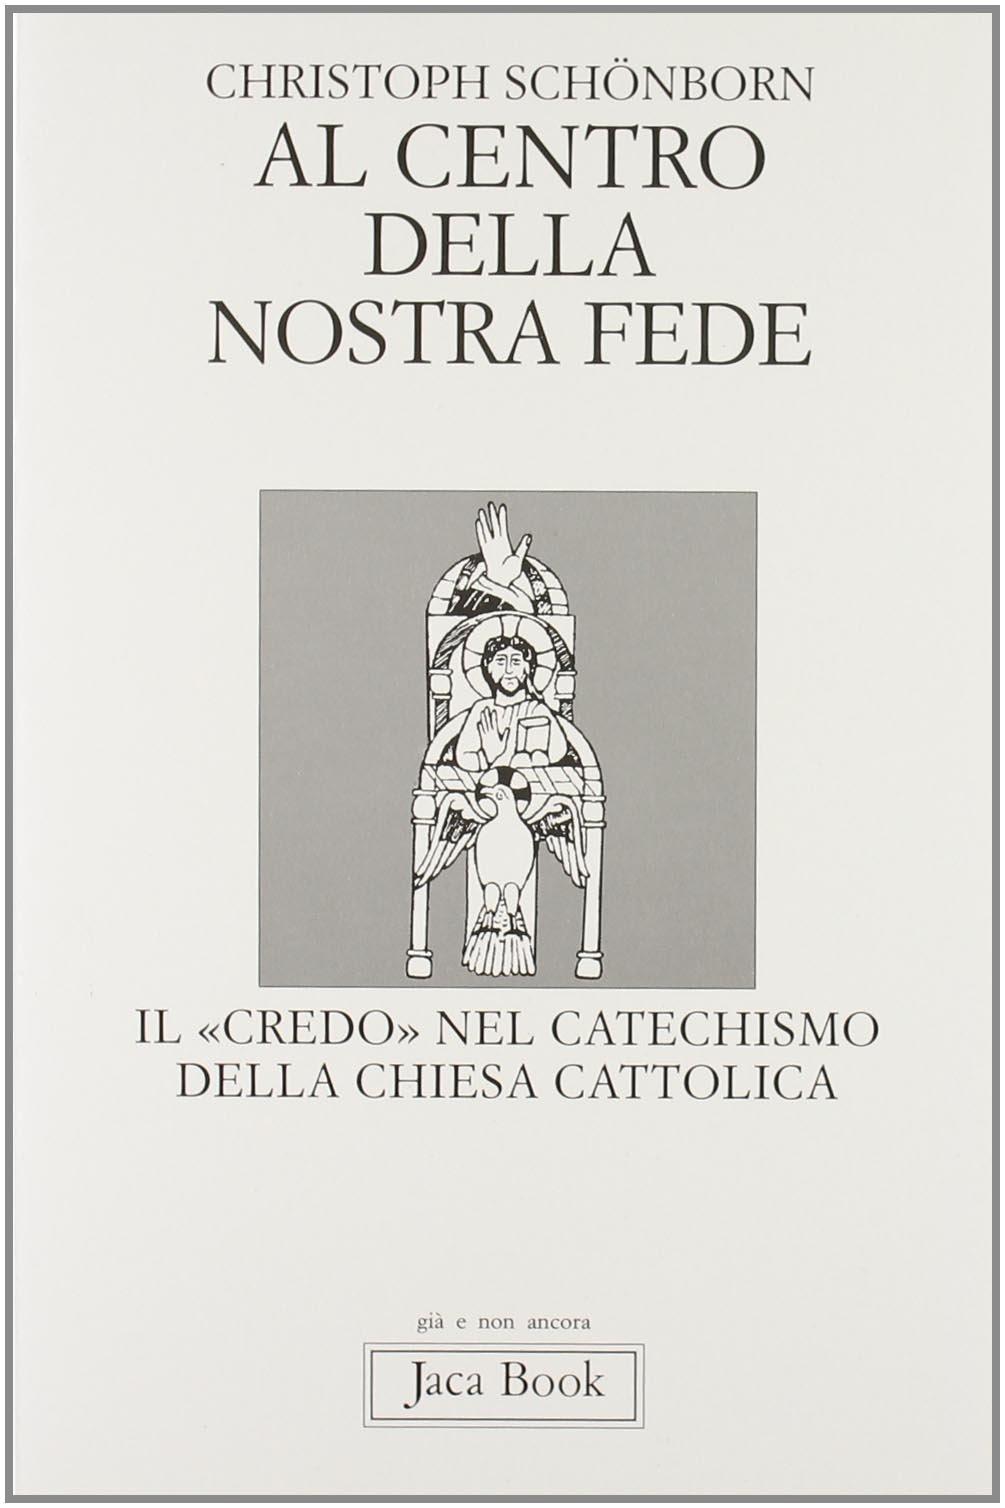 Al centro della nostra fede. Il credo nel catechismo della Chiesa cattolica Copertina flessibile – 1 mar 1997 Christoph Schönborn M. Pierluigi Jaca Book 8816303182